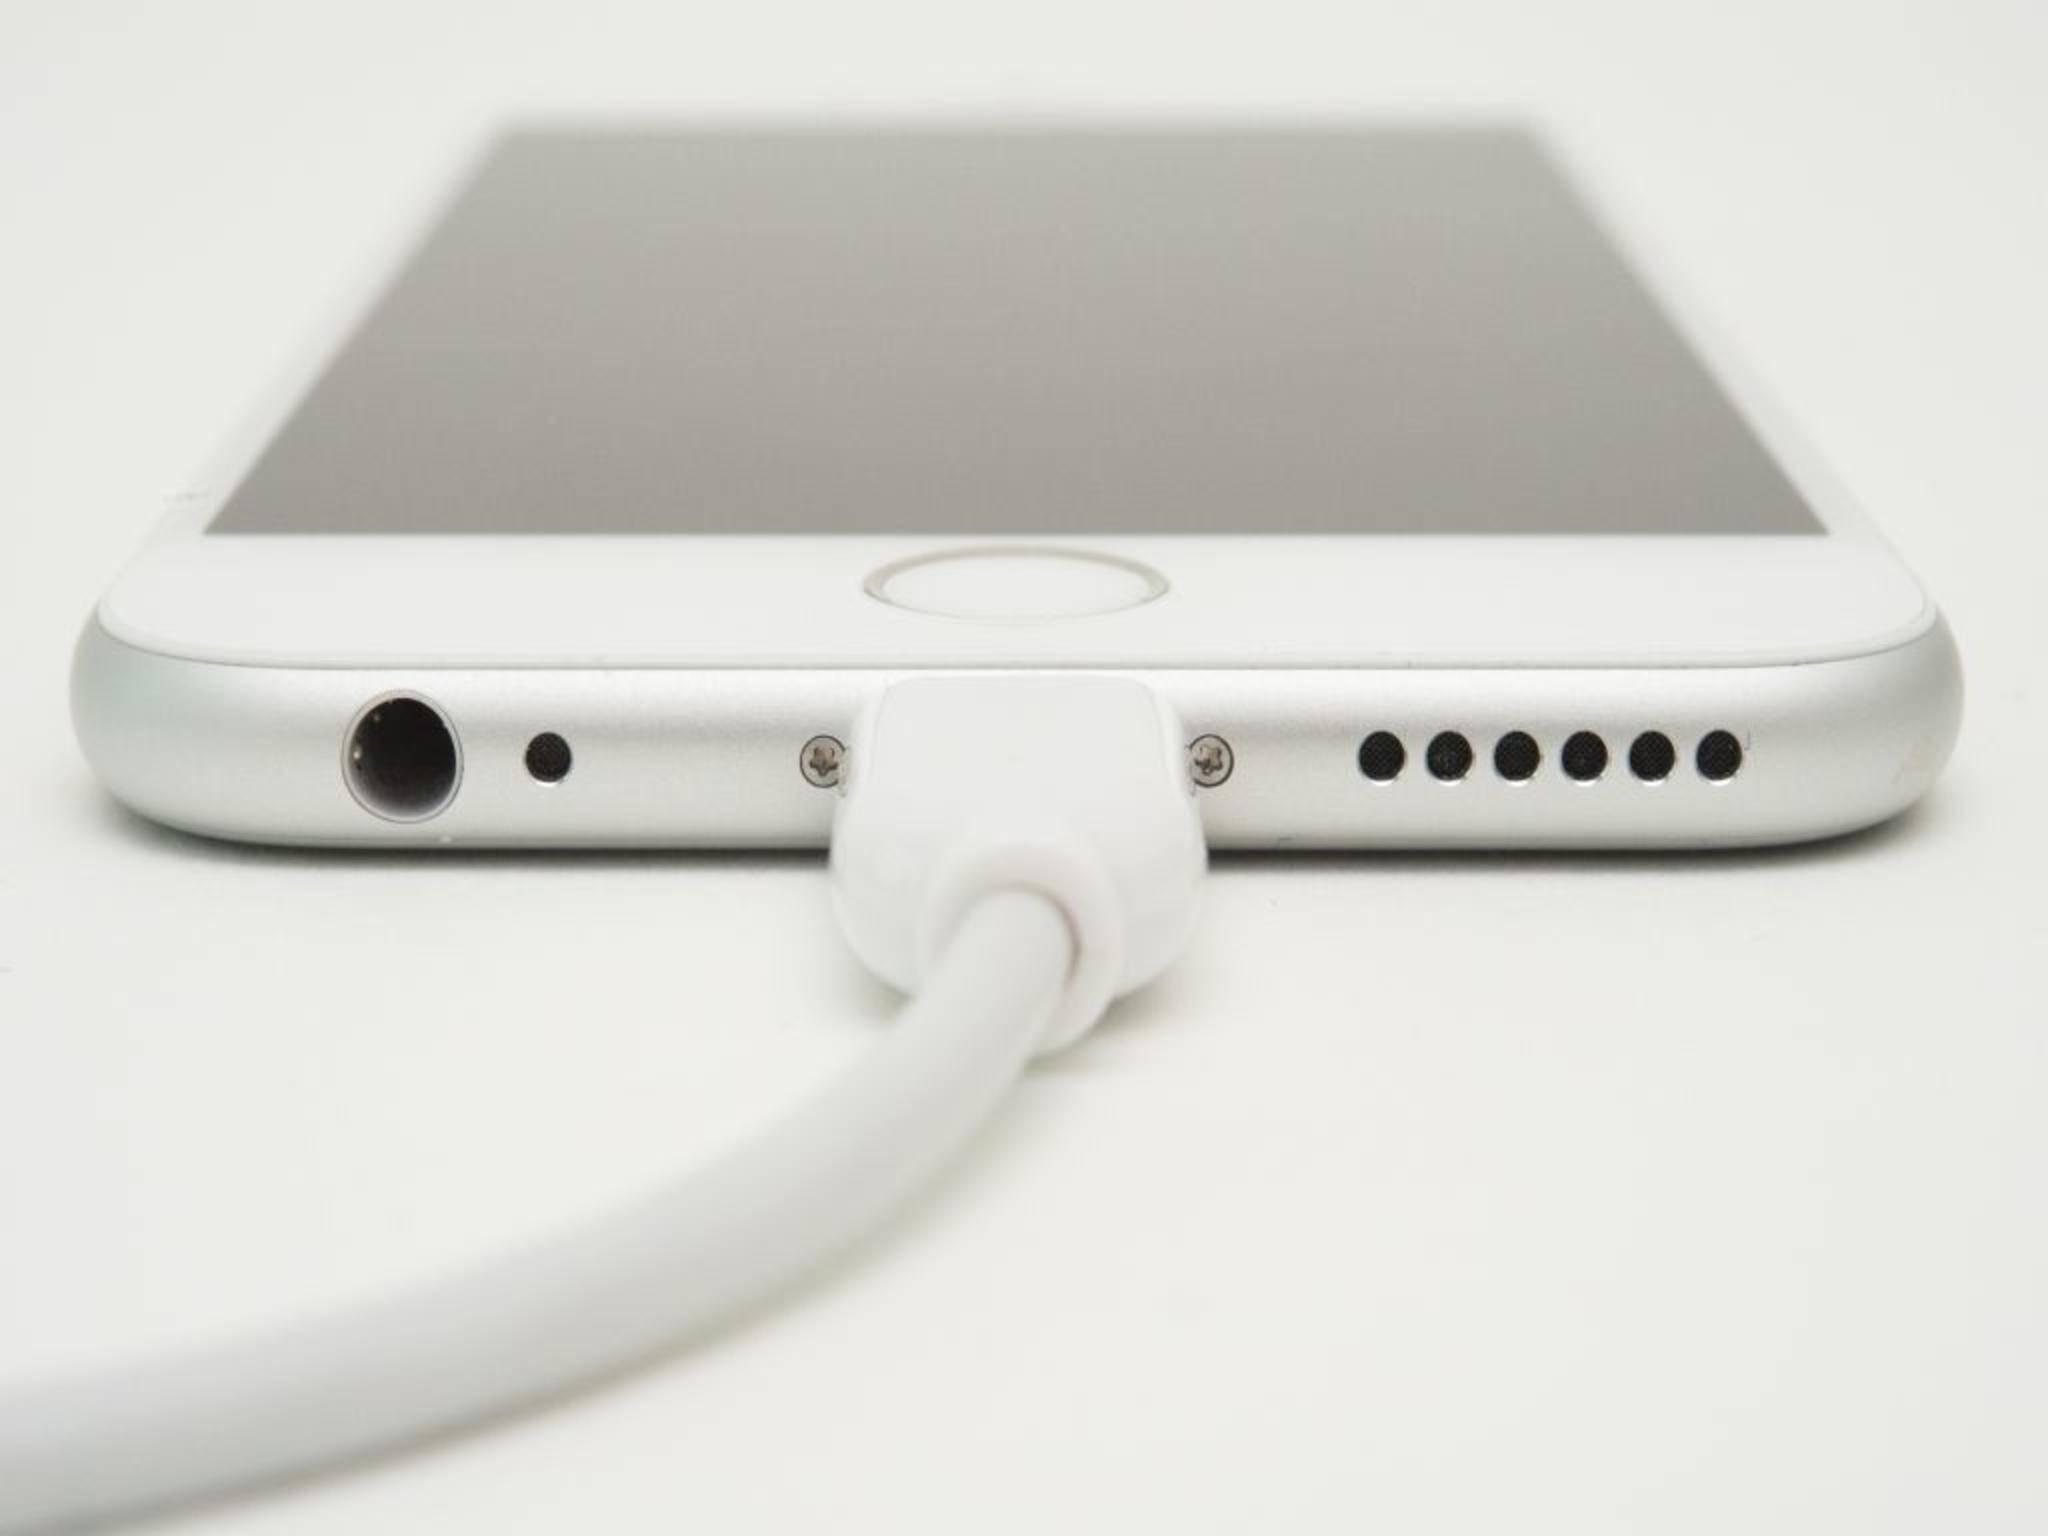 Hat der 3,5-Millimeter-Anschluss beim iPhone bald ausgedient?